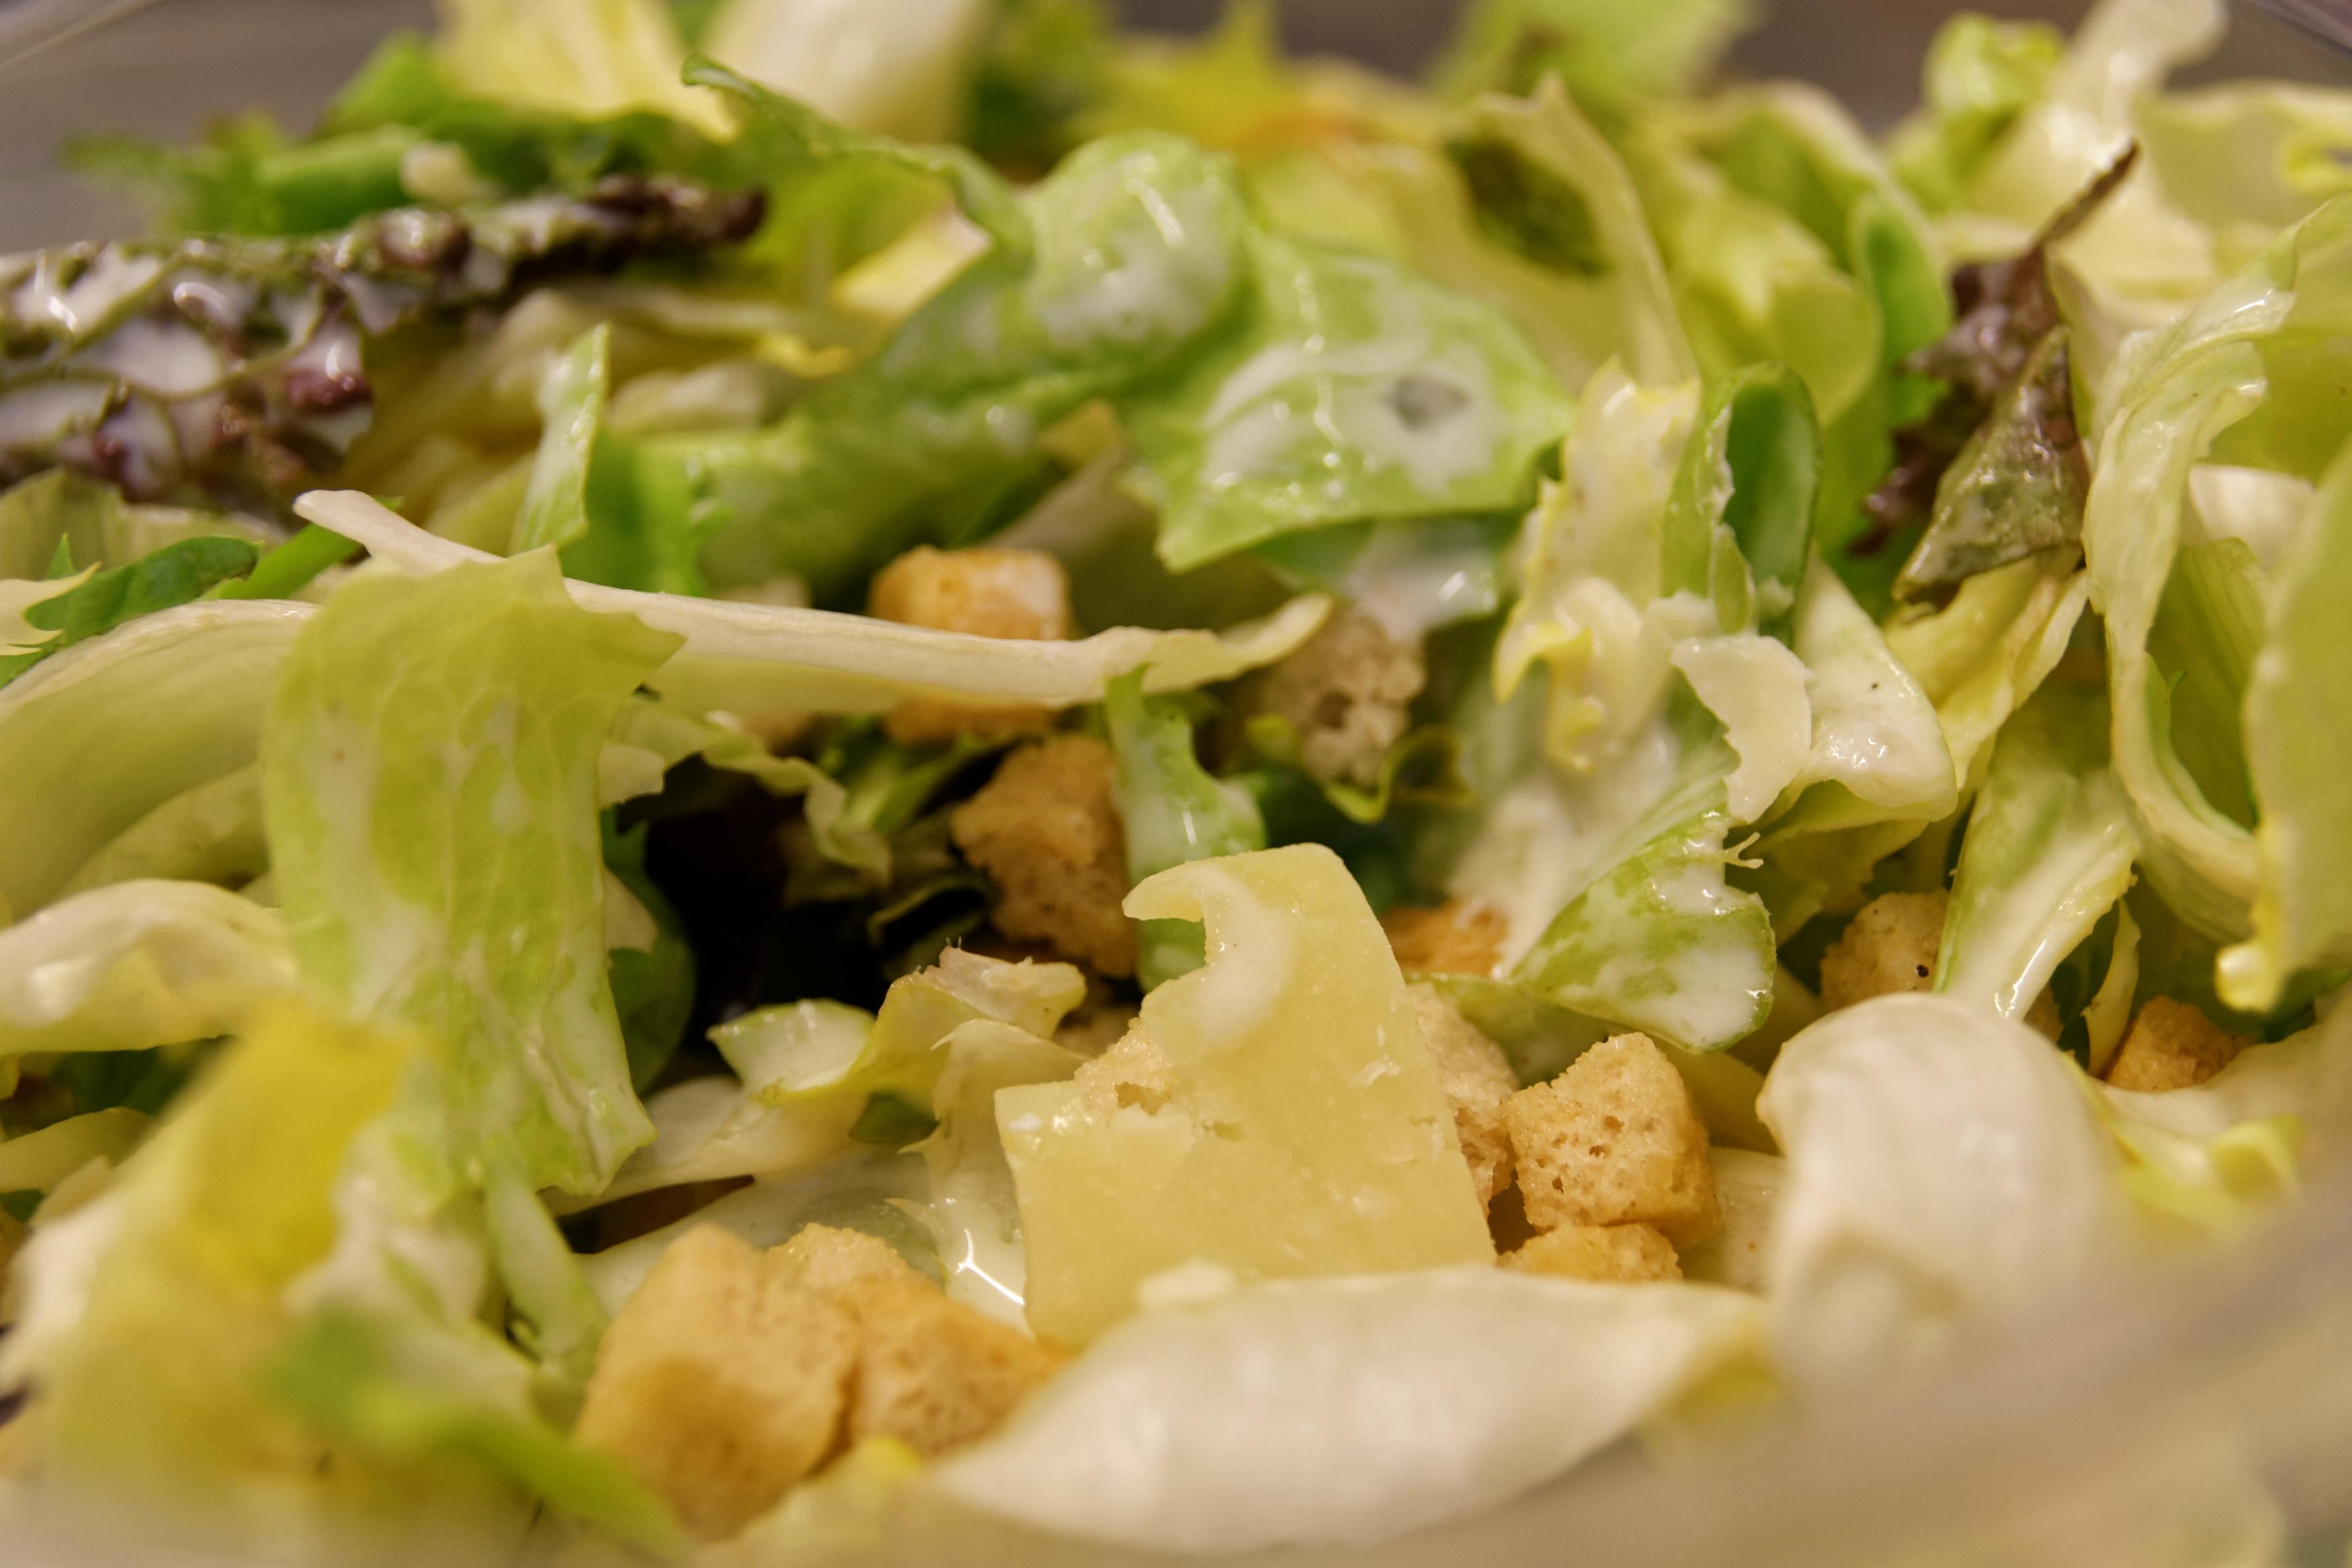 Fotoğraf Tabak Yemek Gıda Salata Yeşil üretmek Sağlıklı